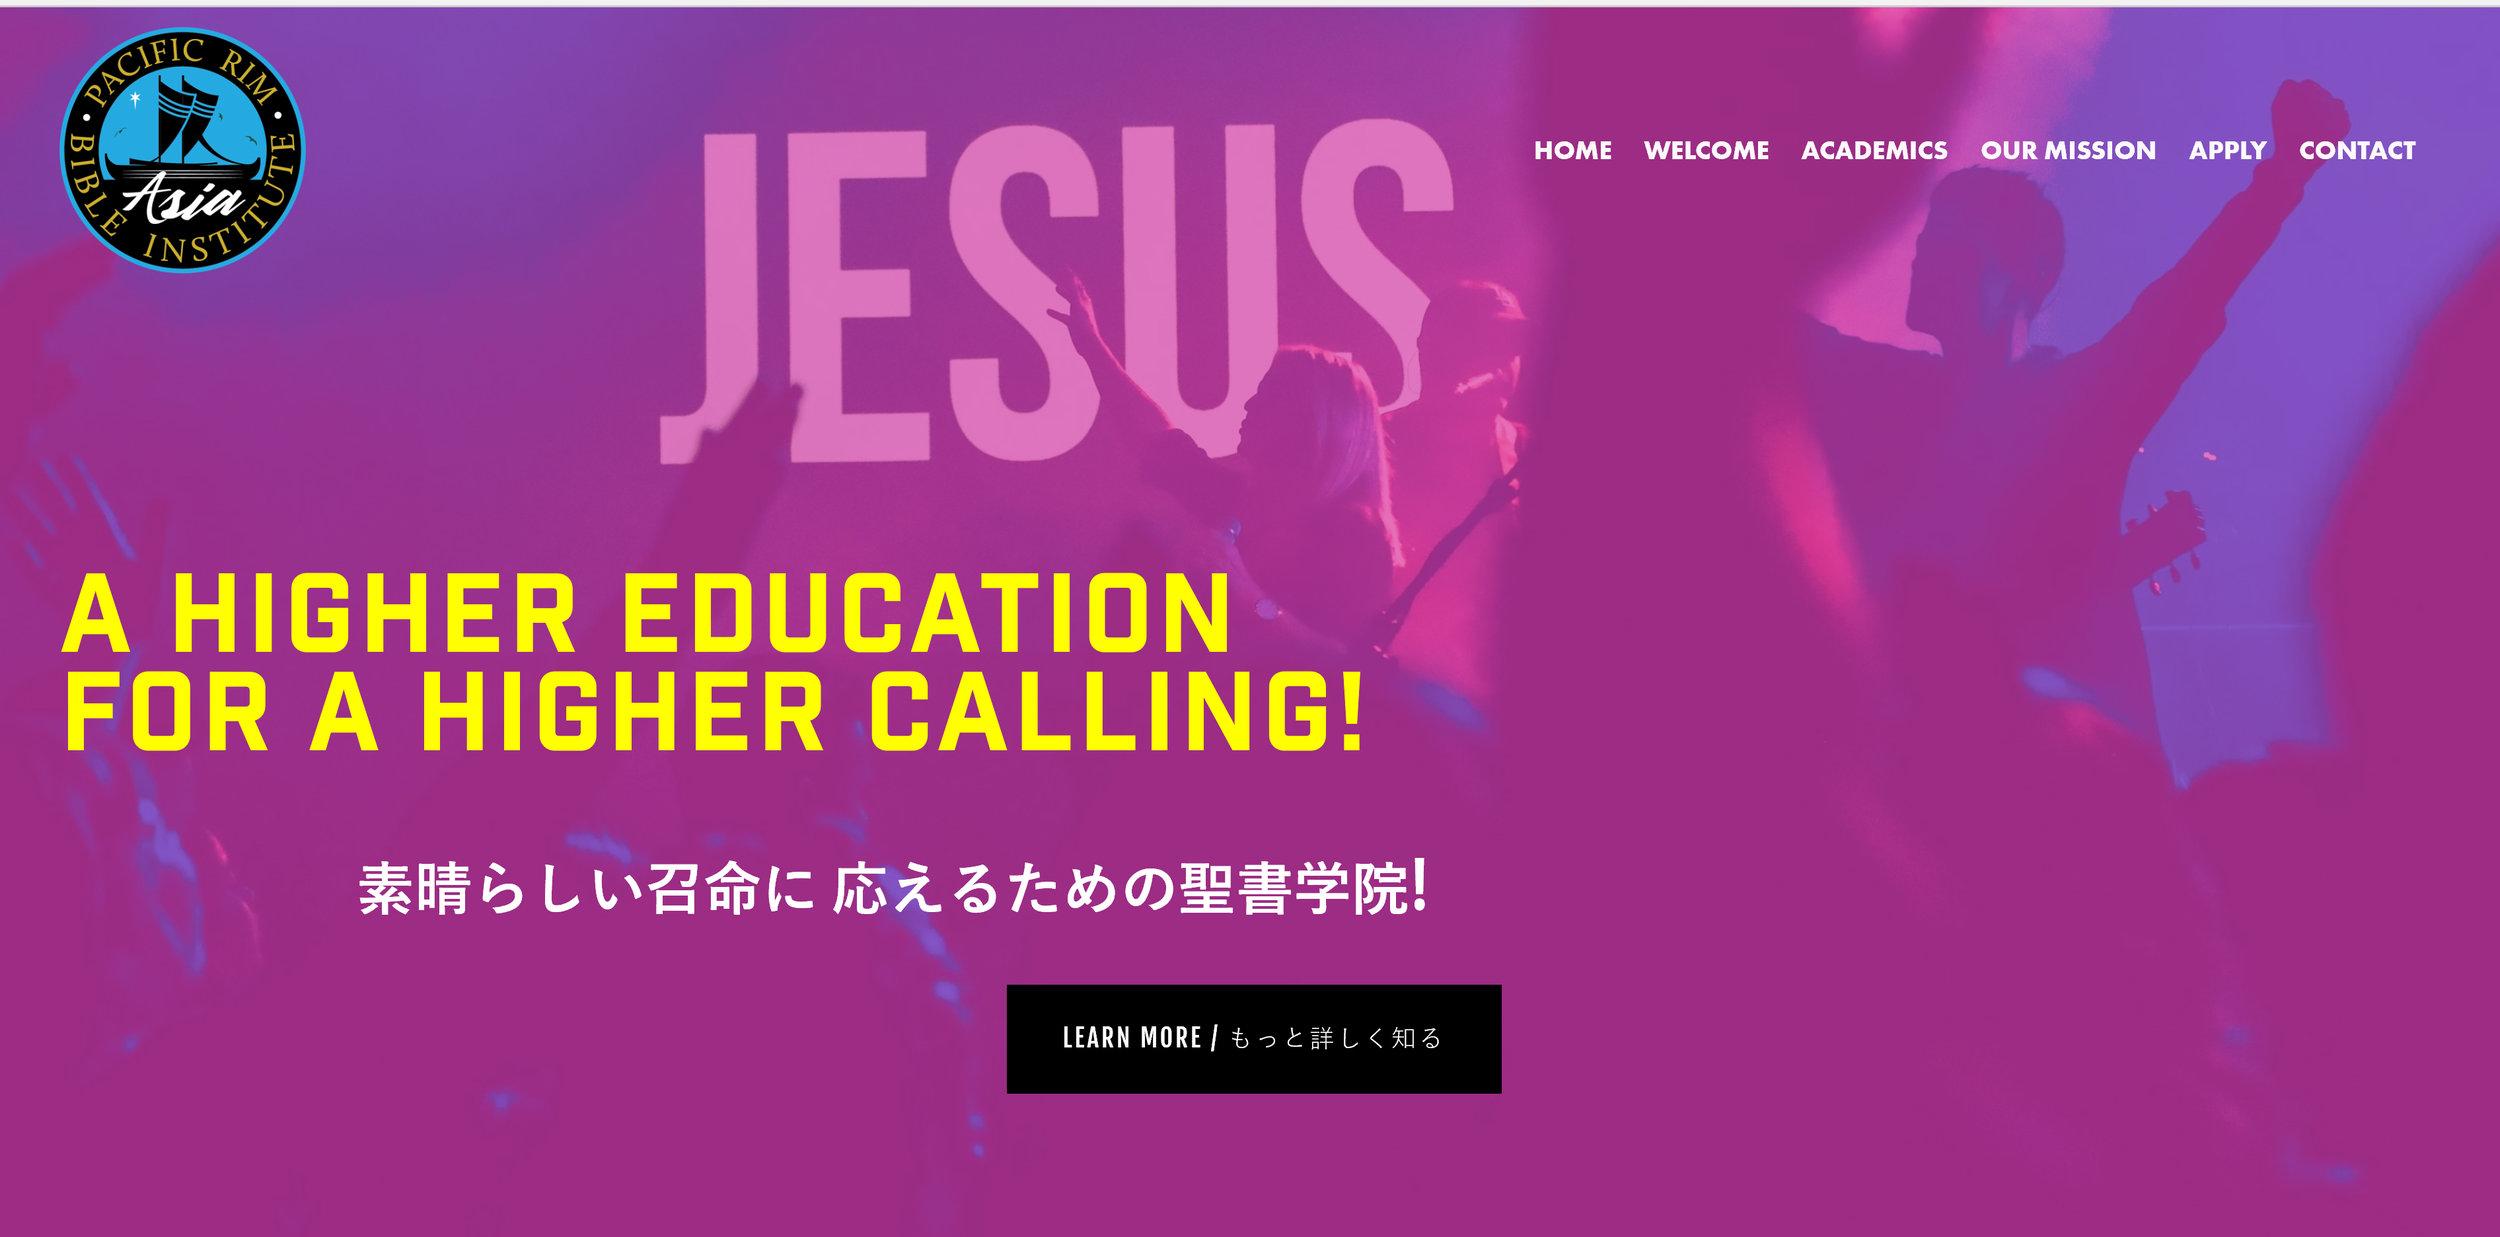 Pacific Rim Bible Institute of Tokyo, Japan